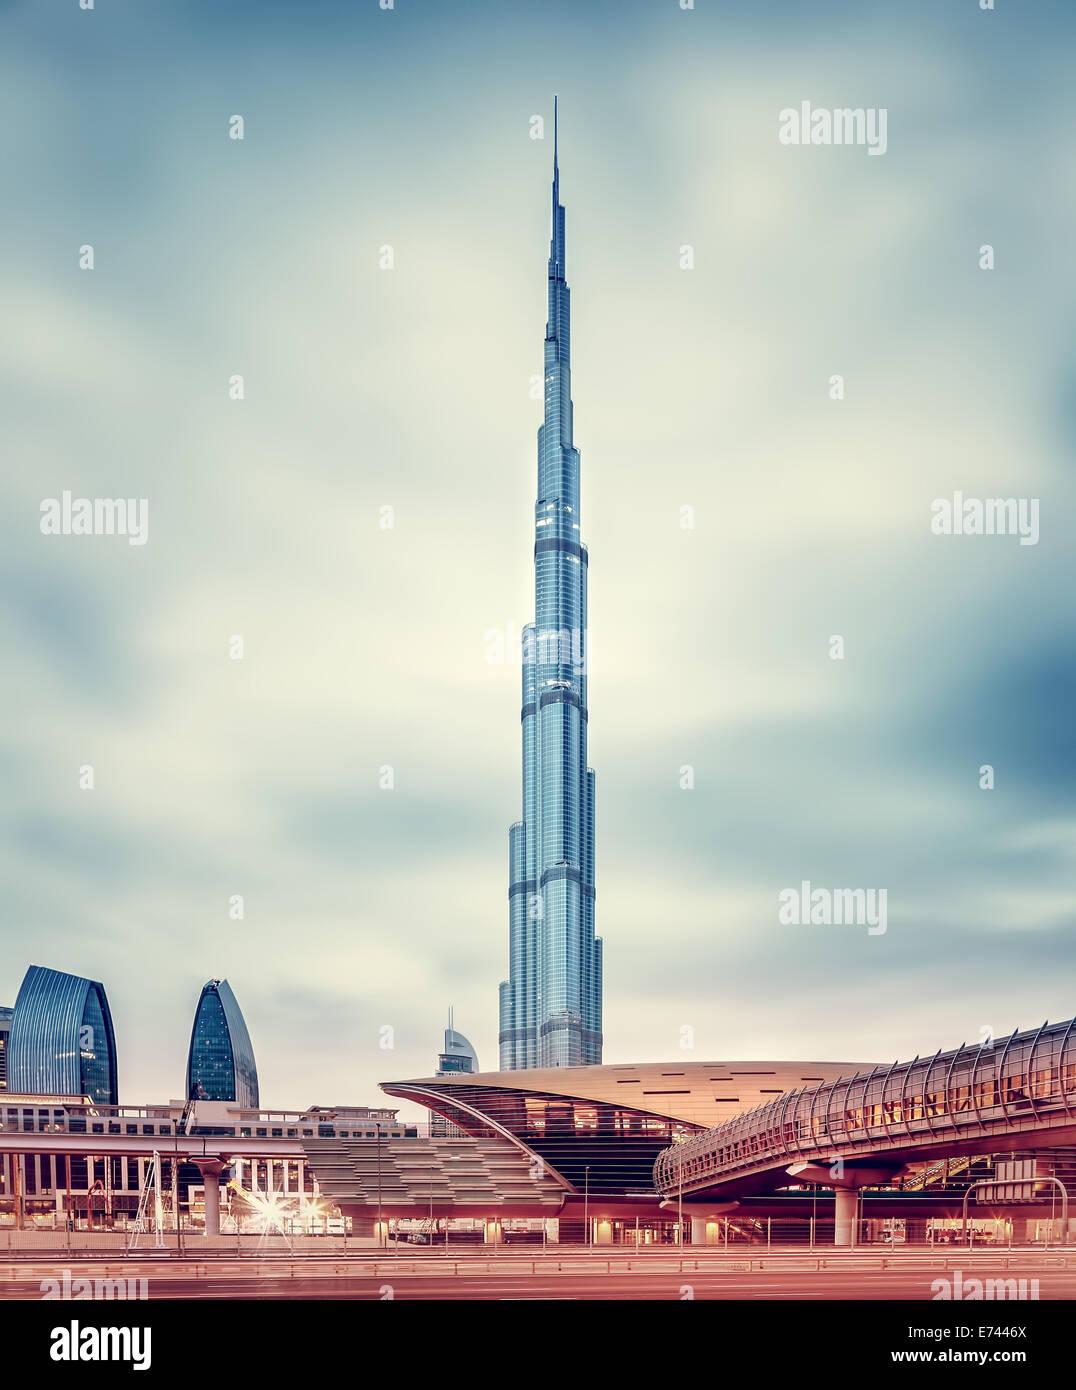 DUBAI, EMIRATOS ÁRABES UNIDOS - Febrero 09: Burj Khalifa, la torre más alta del mundo en 828m, ubicado Imagen De Stock